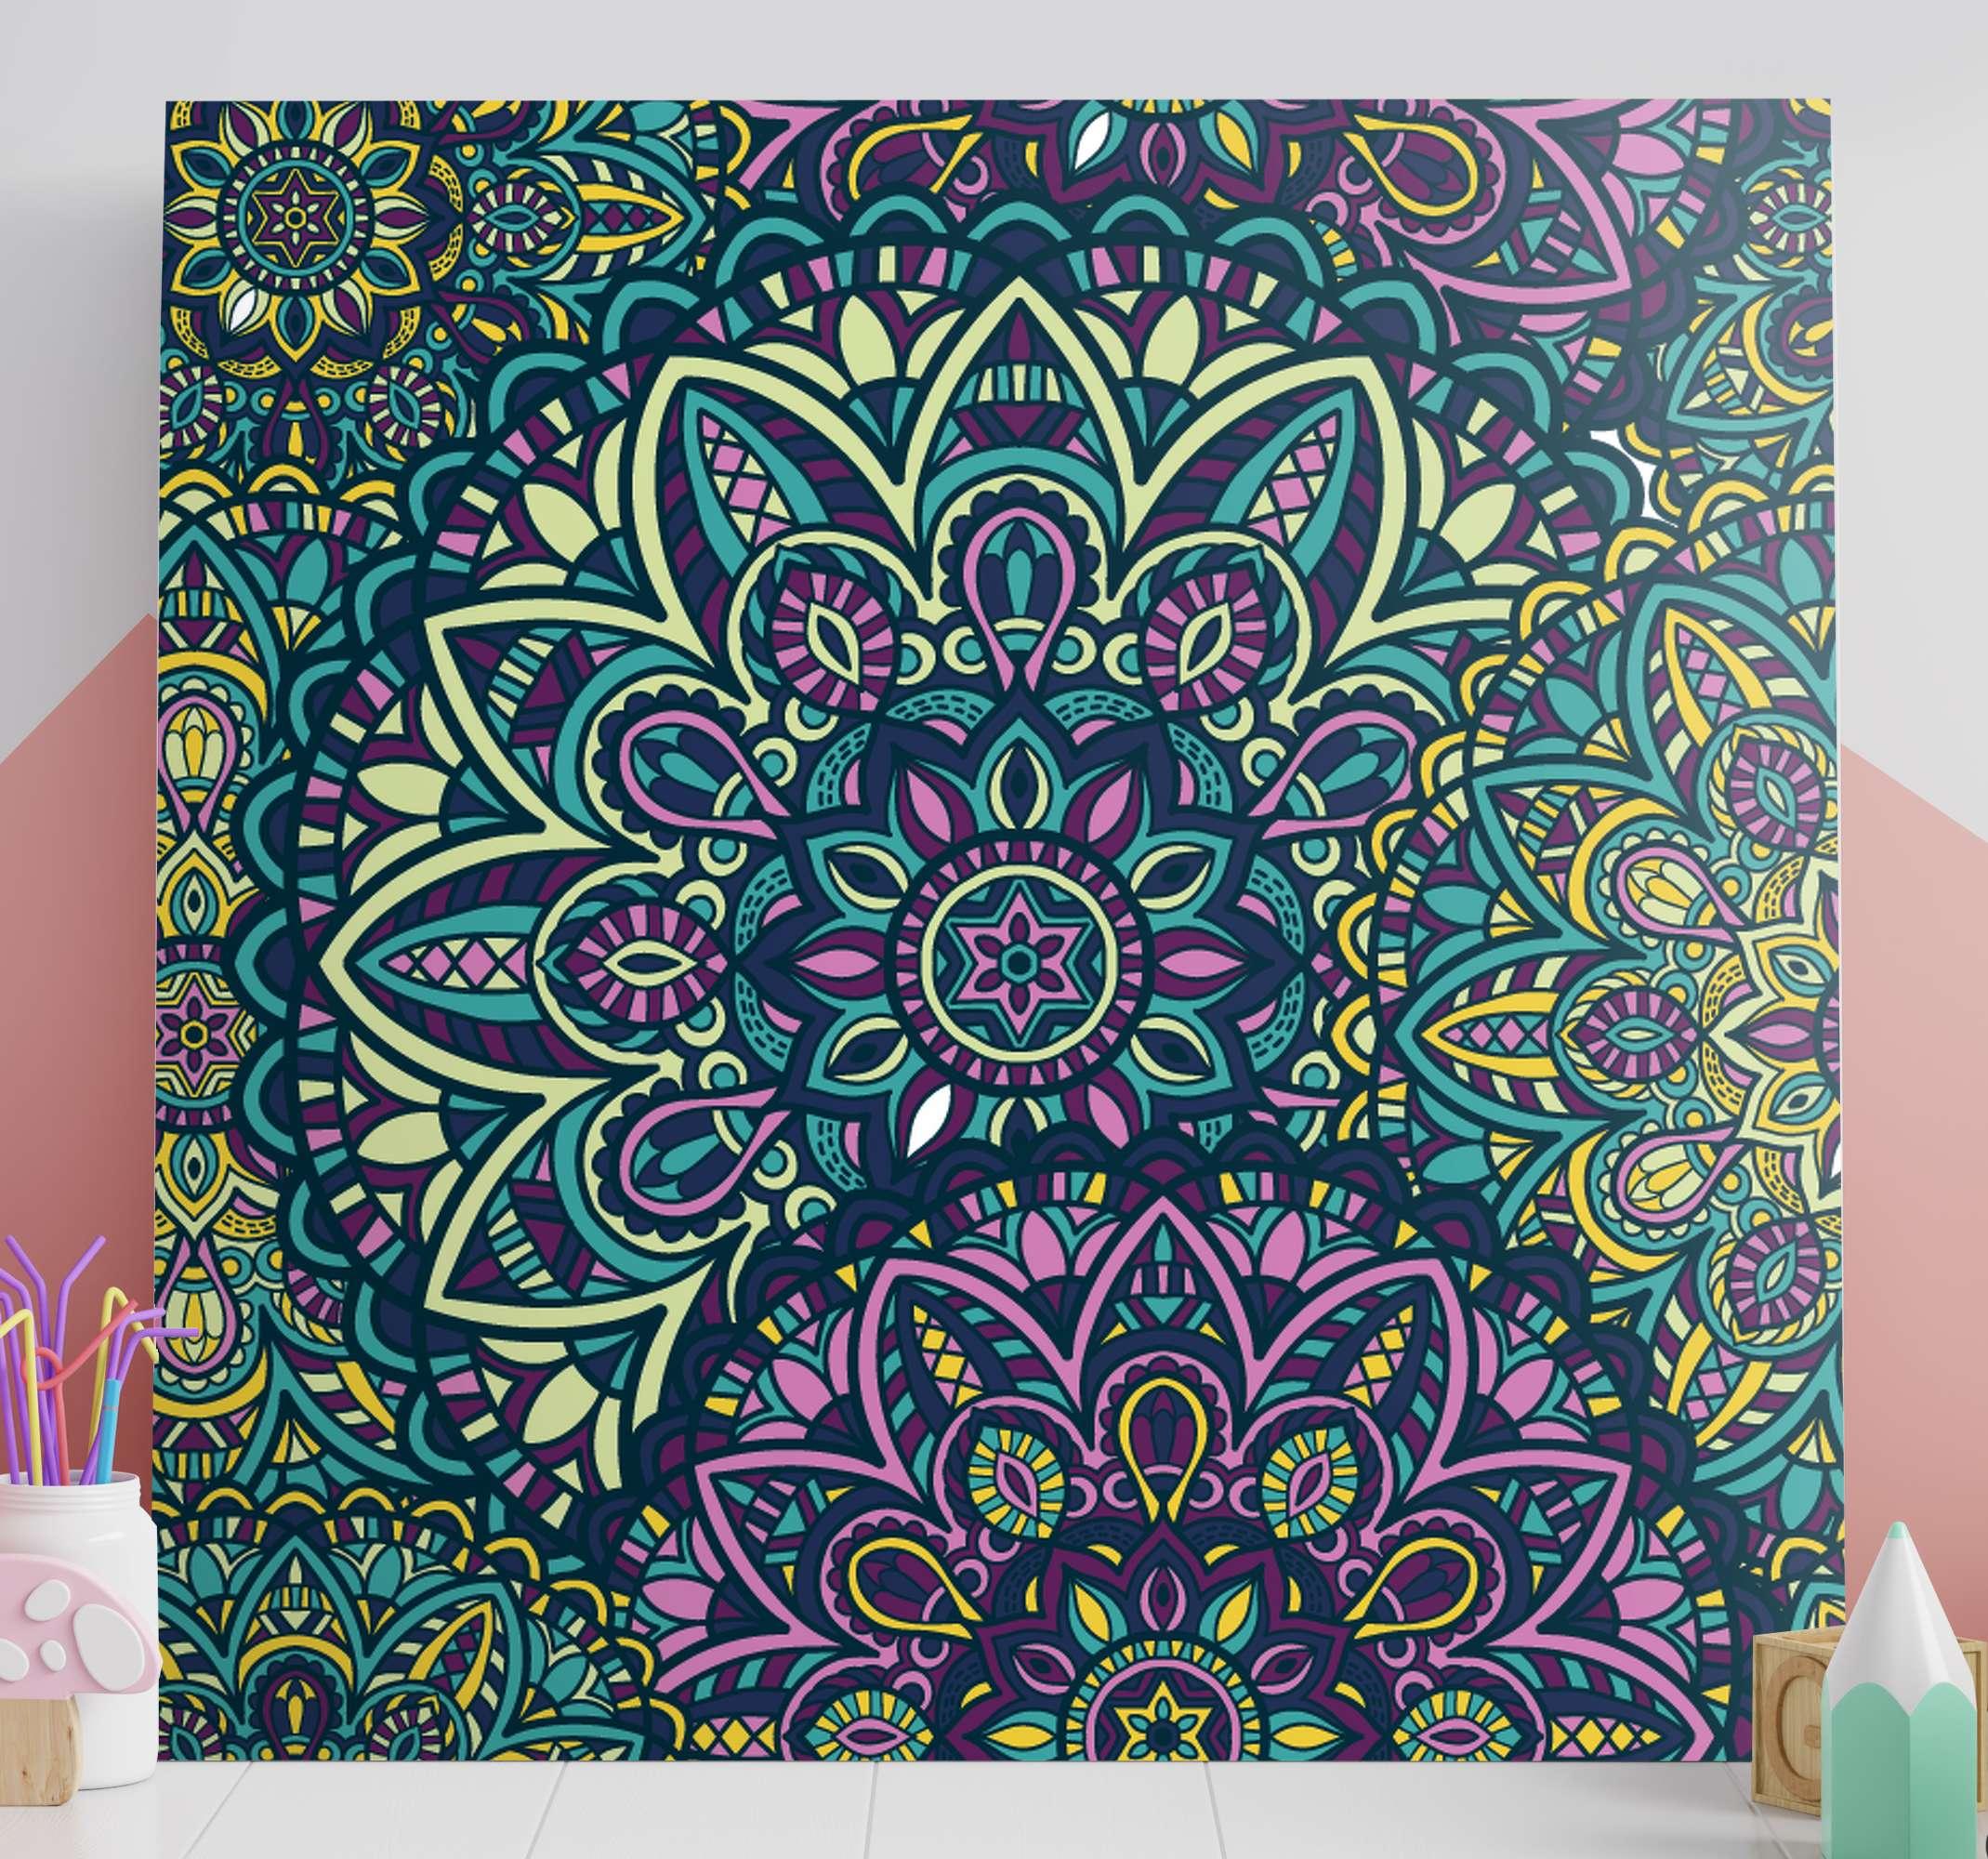 TenStickers. Canvas schilder ingang Mandala. Decoratieve mandala canvas schilderij voor inkomhal, lounge, woonkamer, logeerkamer, kantoor en elke andere plaats die u wenst.